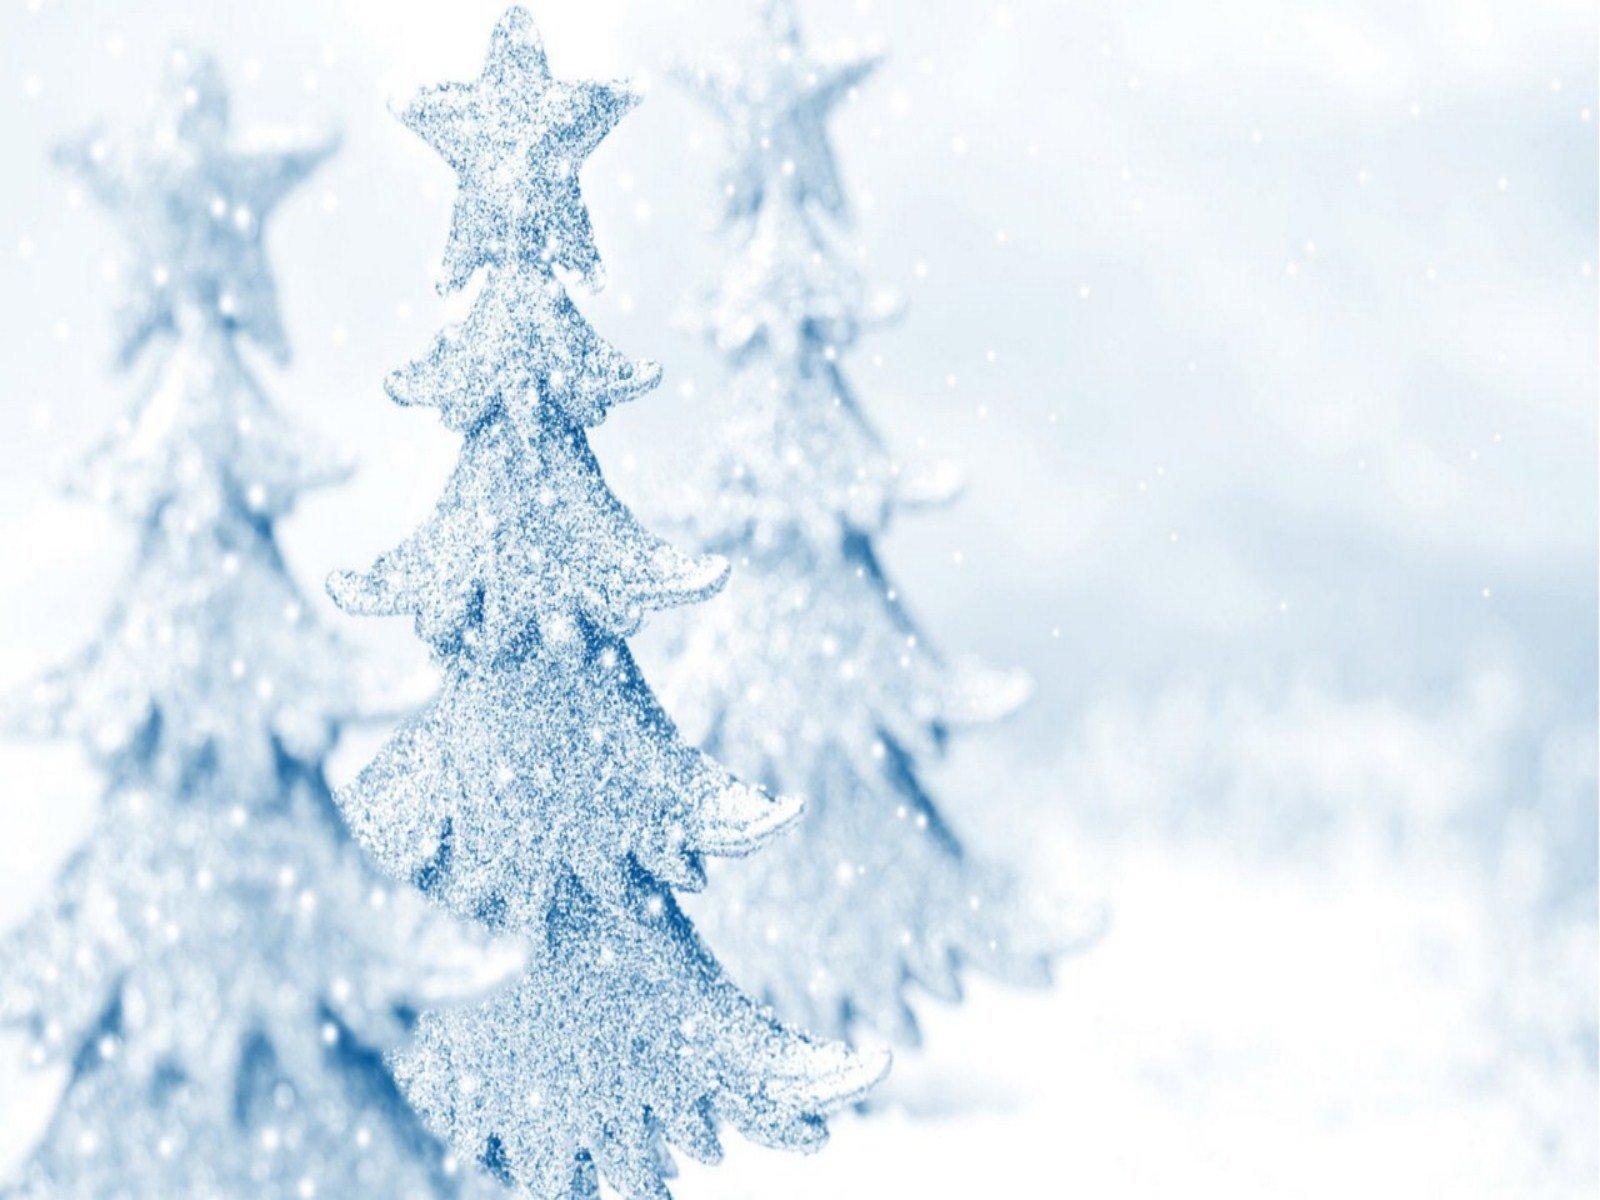 christmas snowman wallpaper winter wallpaper hd phone wallpapers 1600x1200